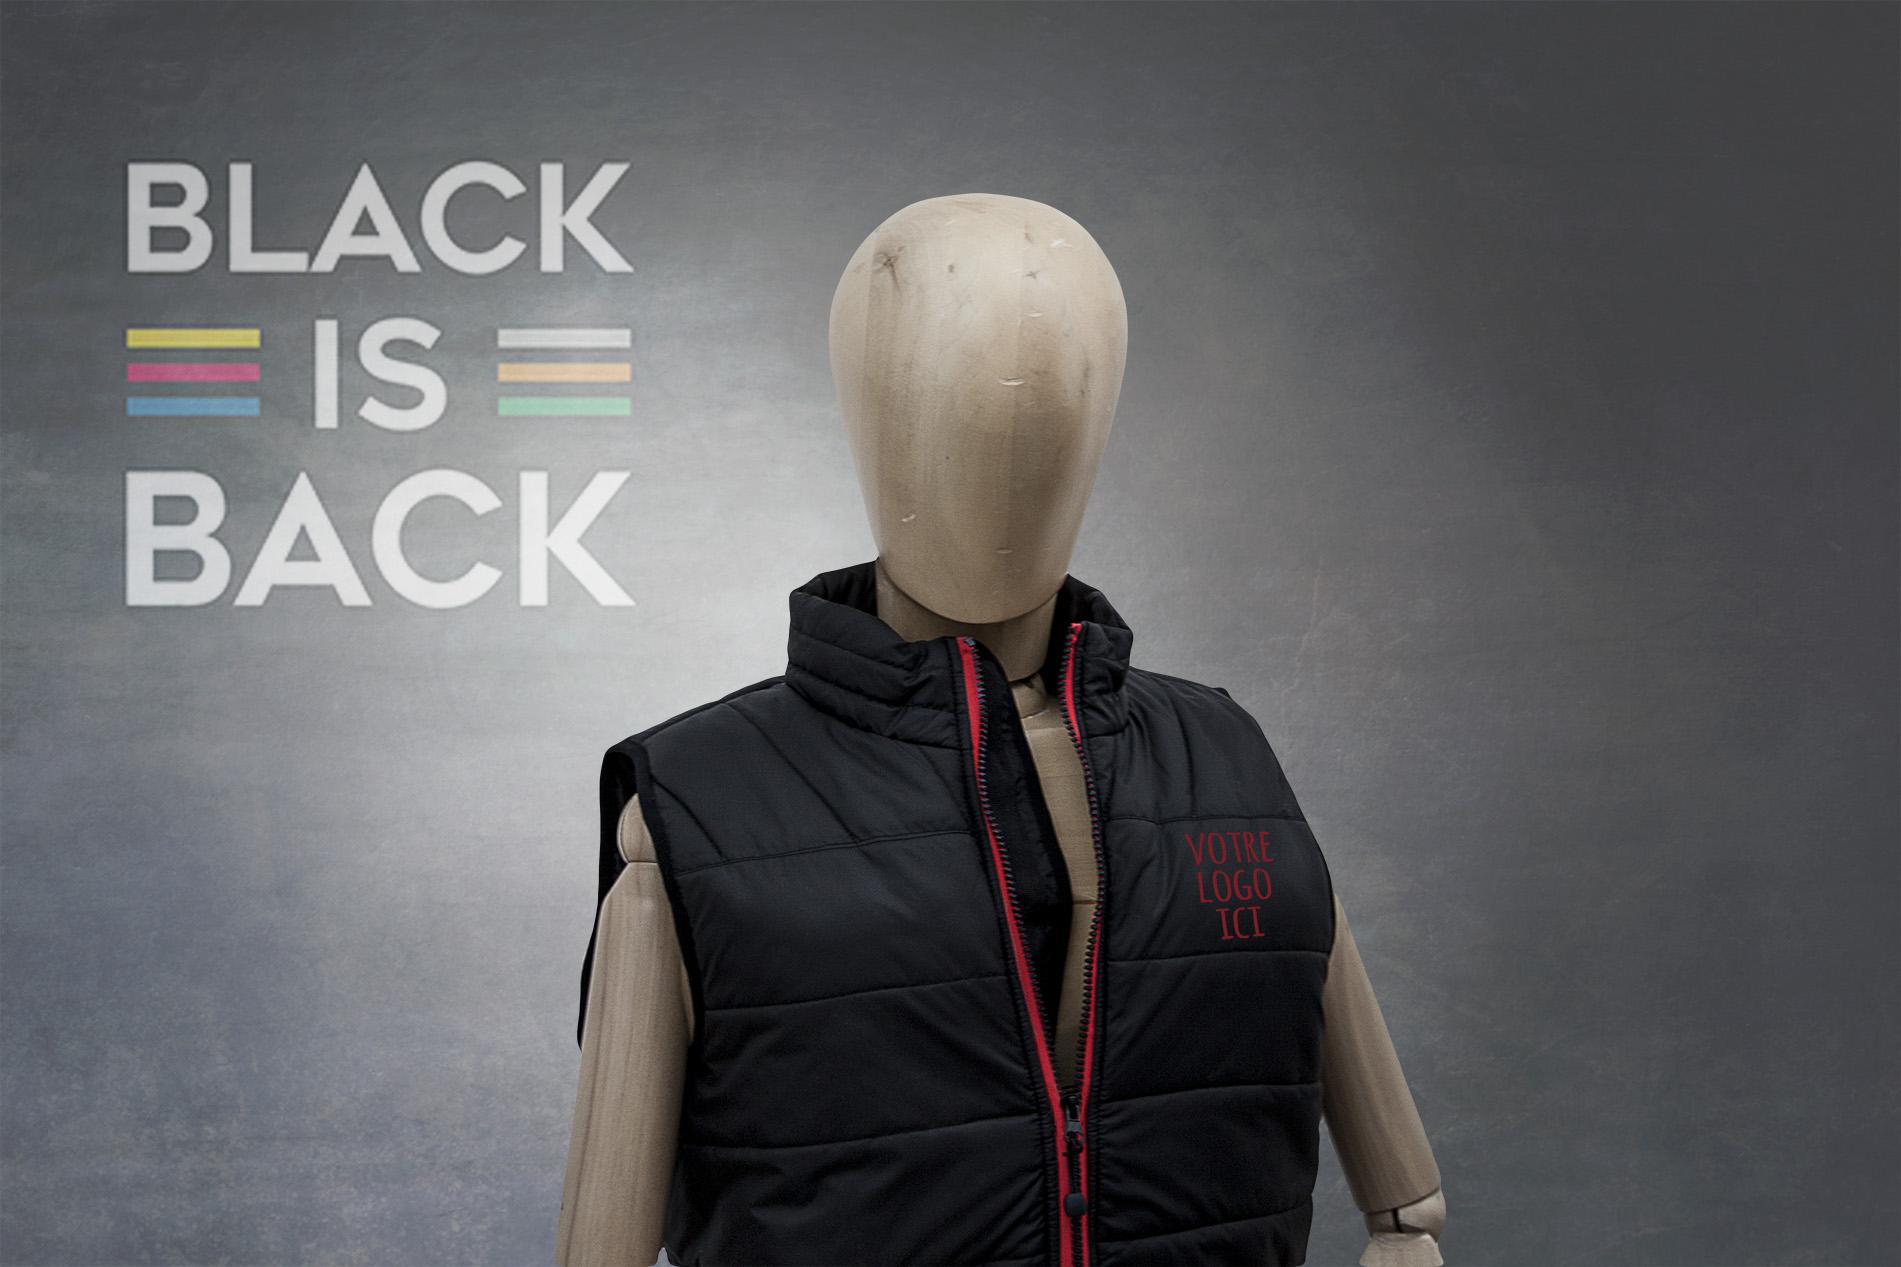 Black is back la collection de textile publicitaire #votrelogoici